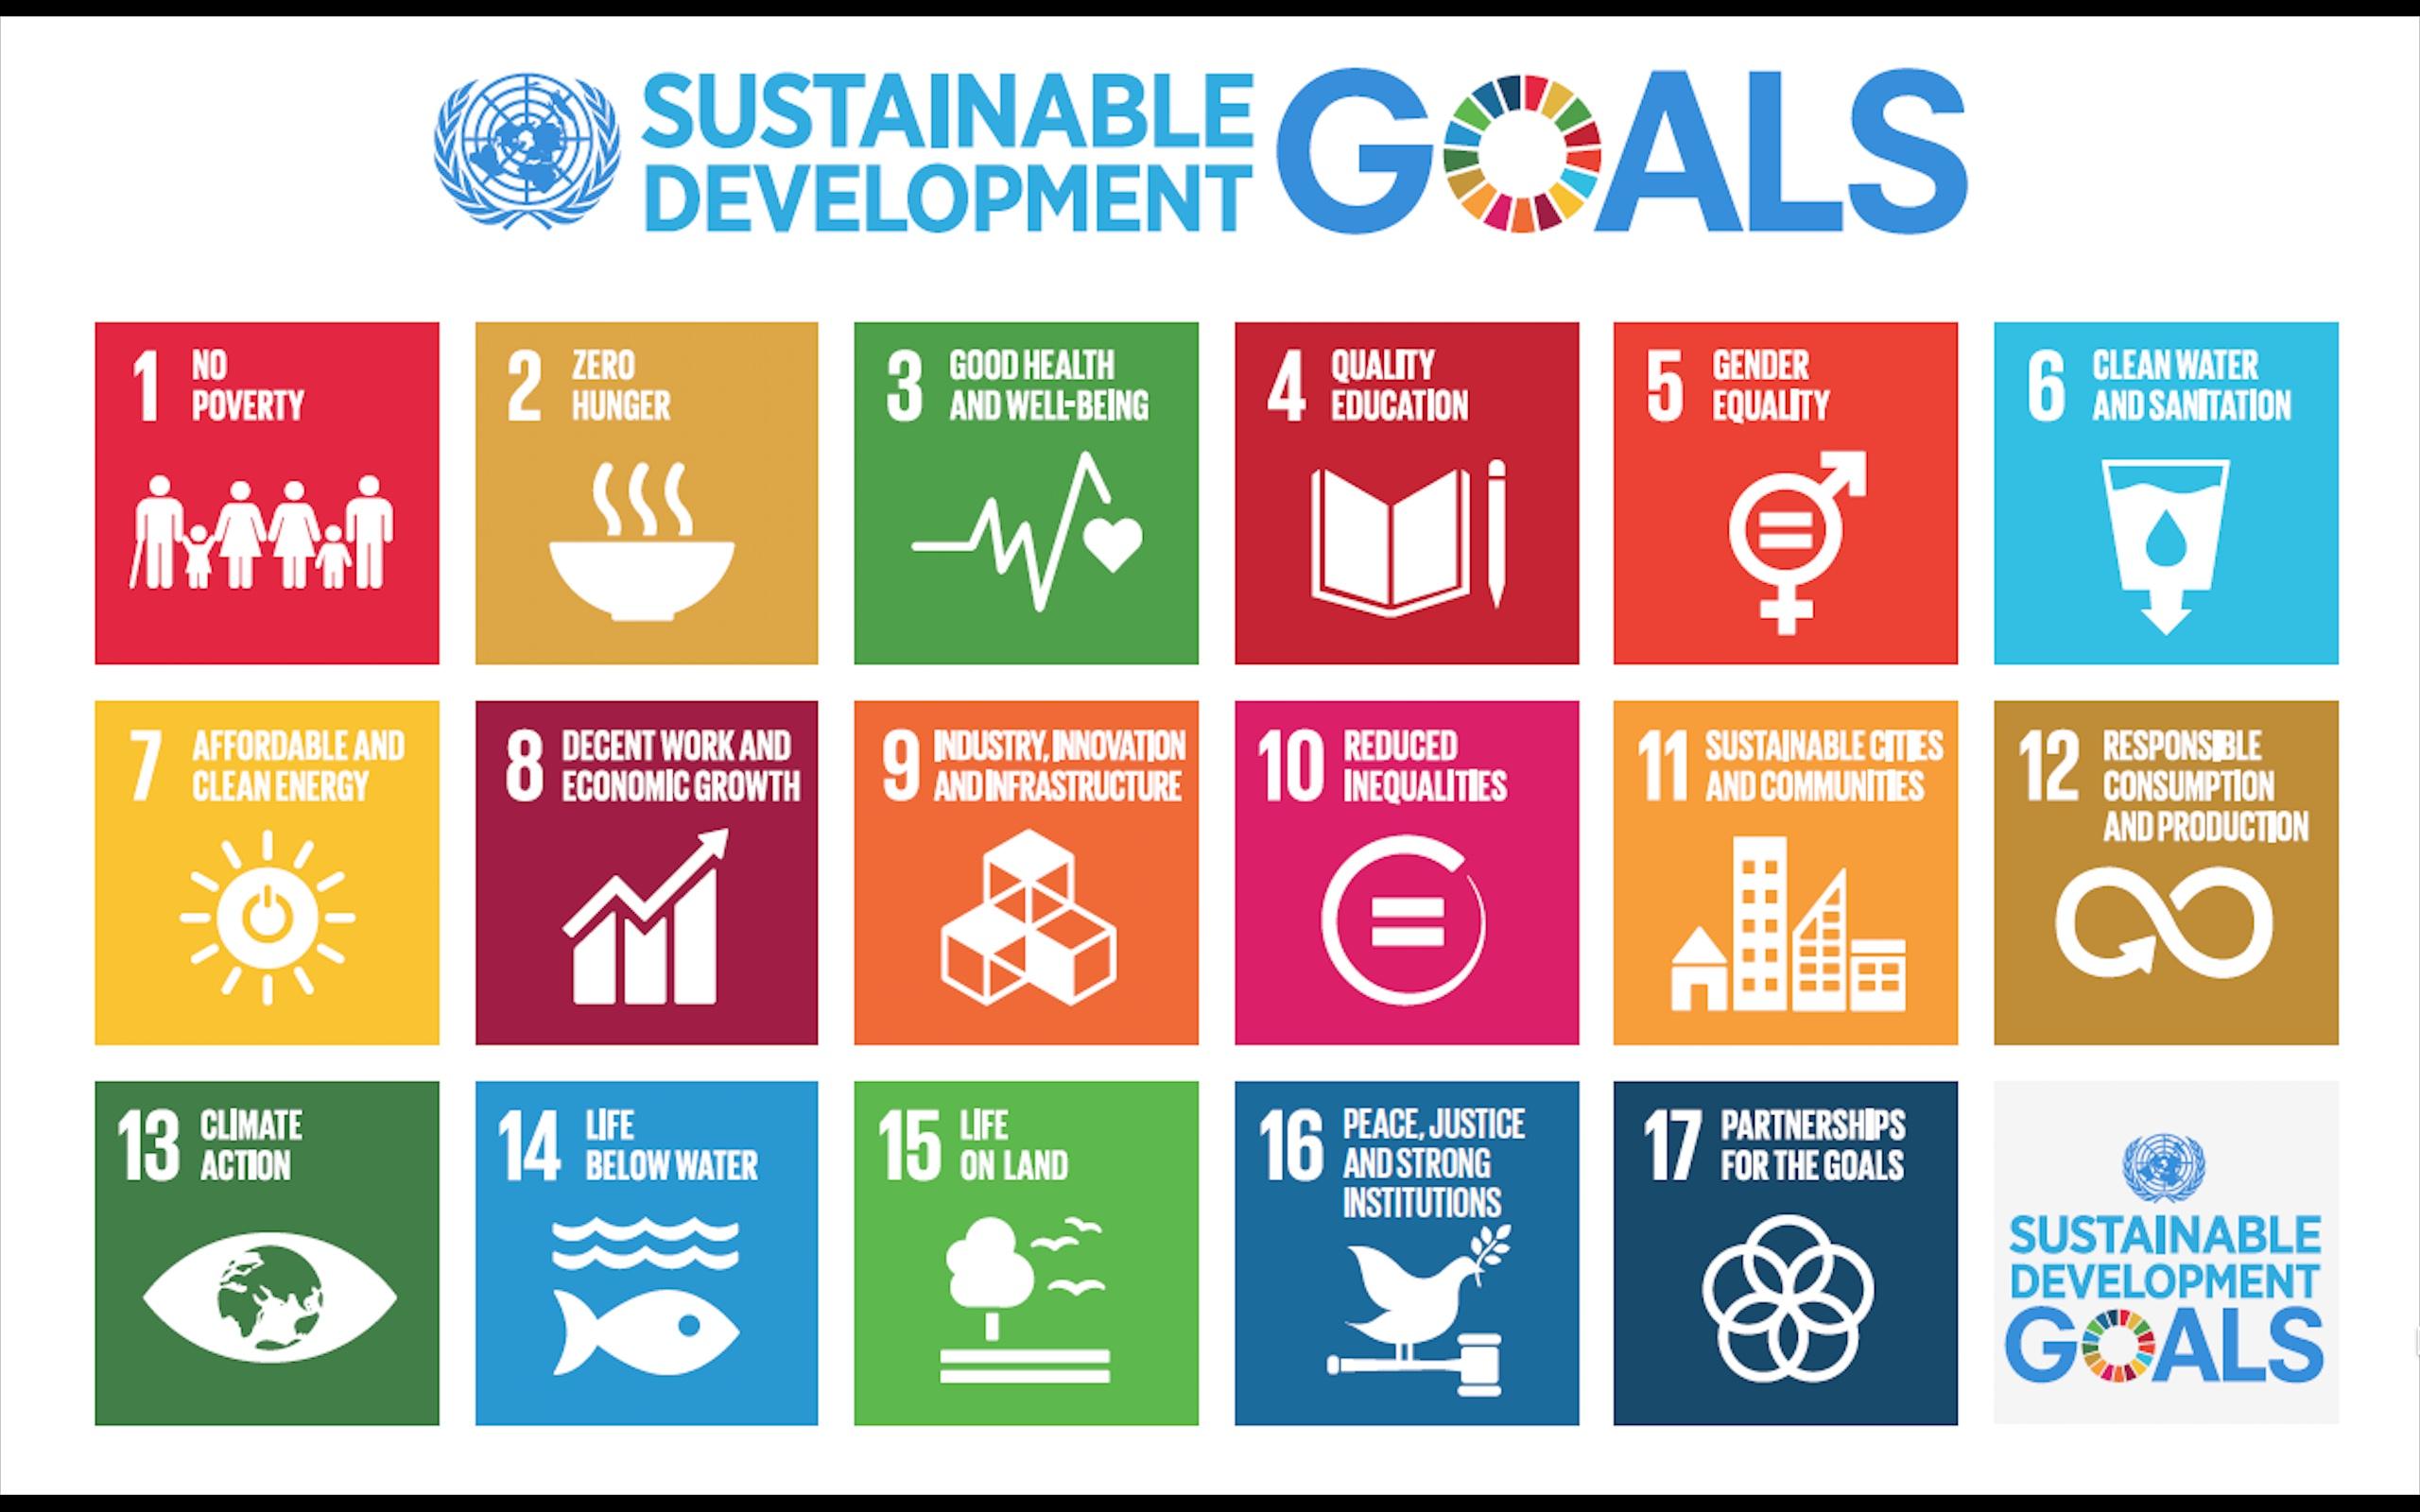 Wśród Celów Zrównoważonego Rozwoju ONZ jest dostęp do czystej wody (fot. UN)